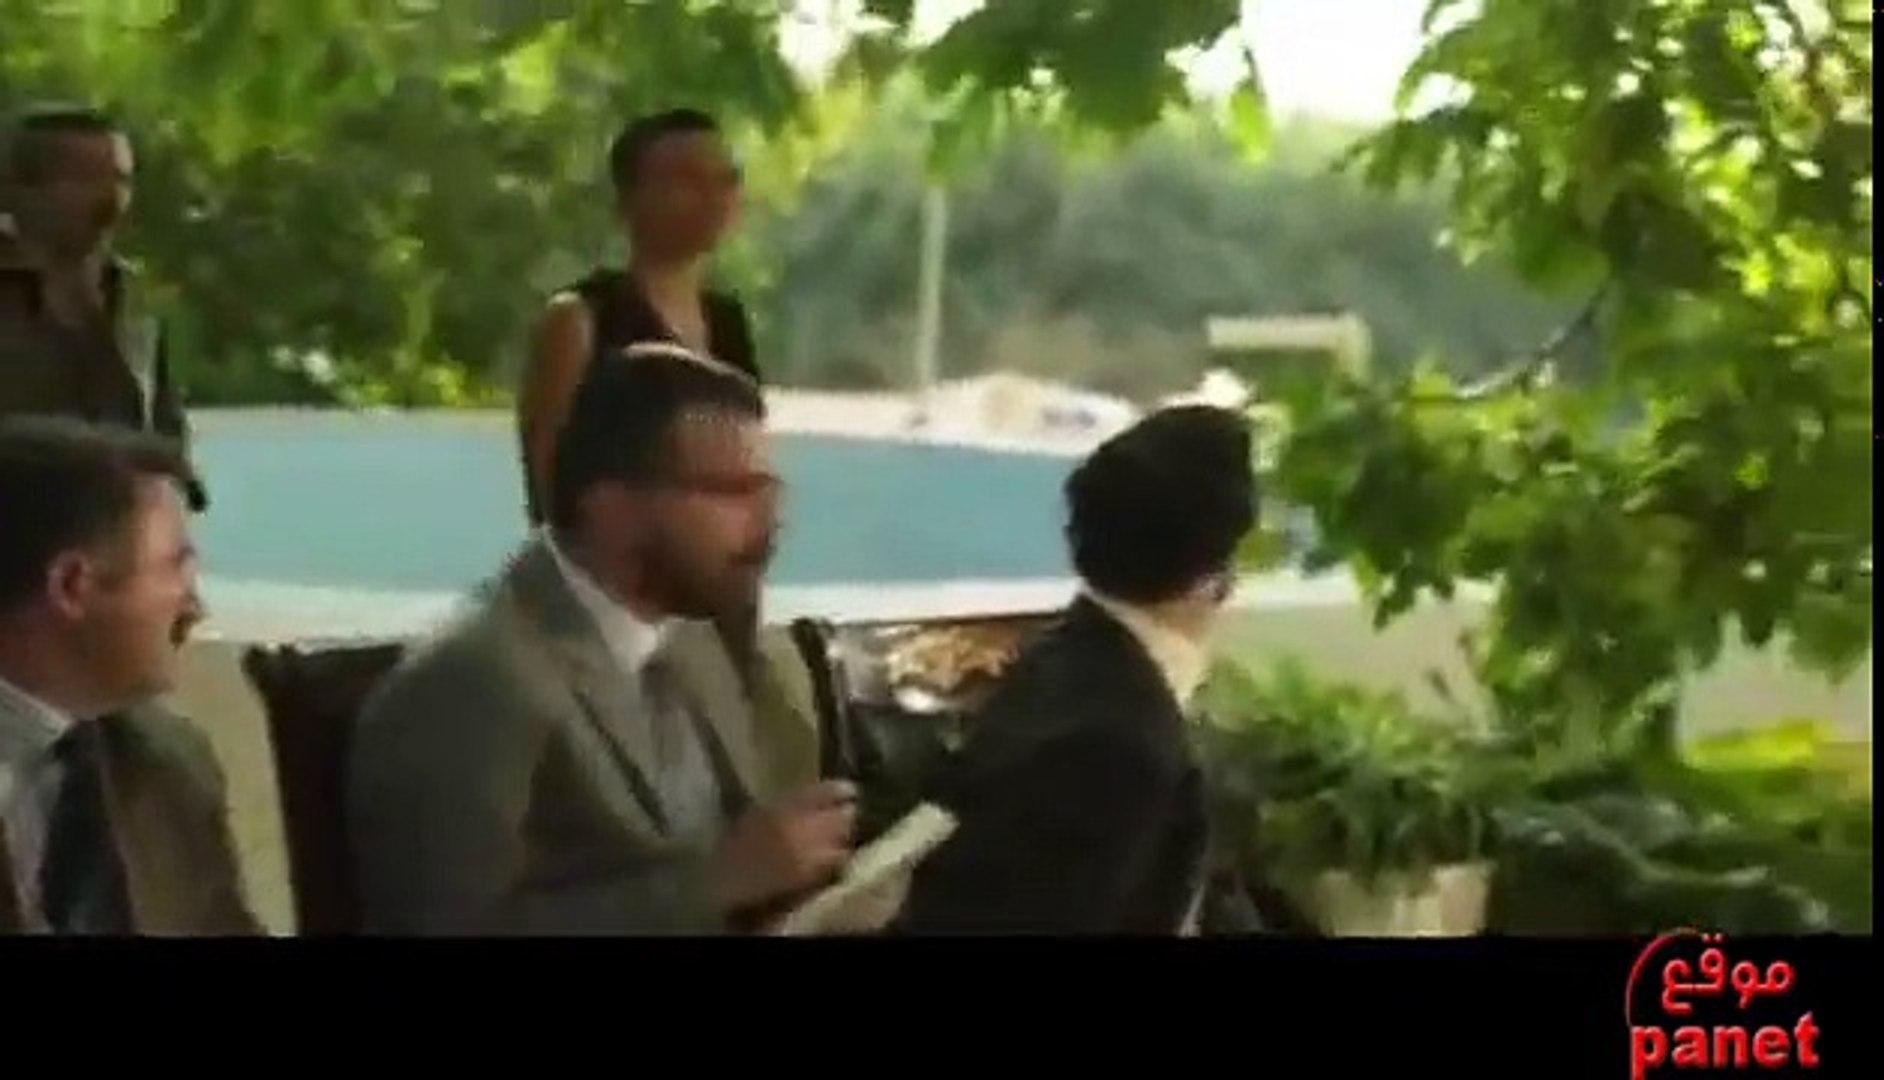 مسلسل تتار رمضان الحلقة 18 فيديو Dailymotion